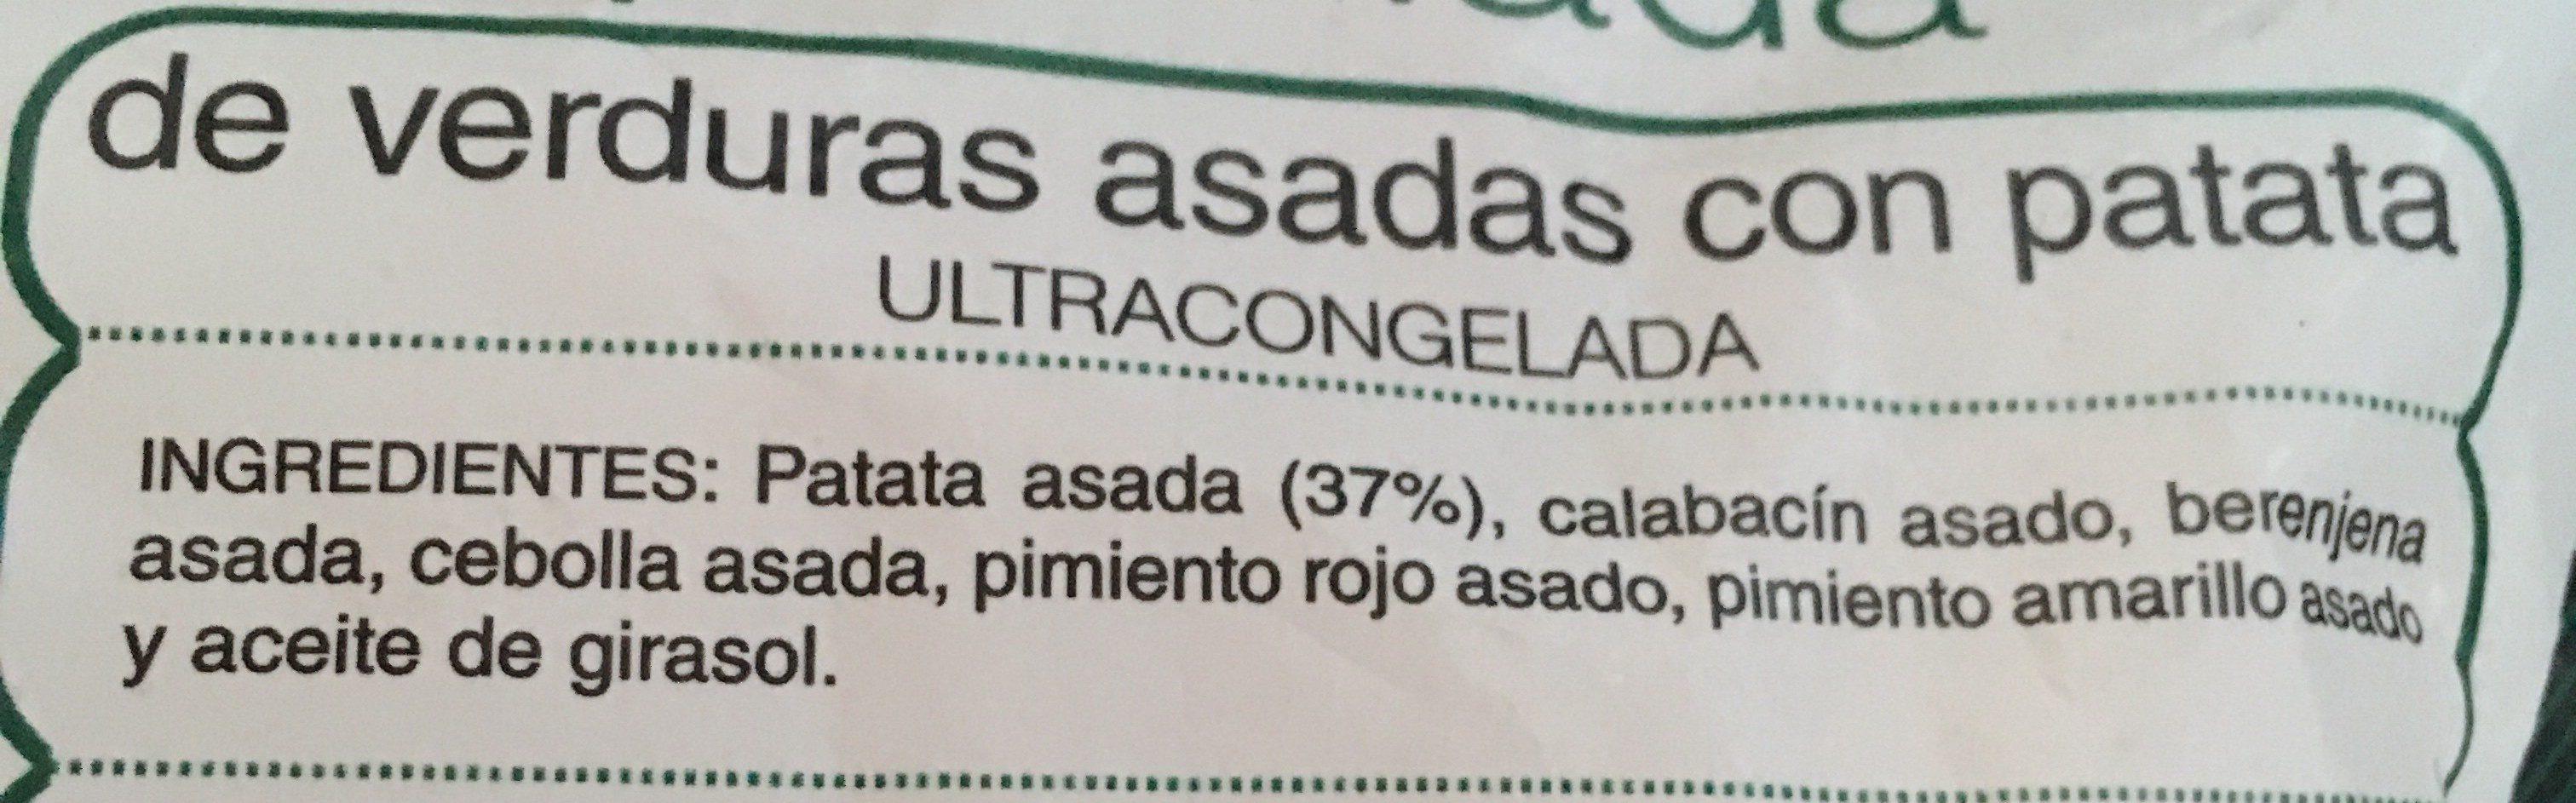 Parrillada de verduras asadas con patata - Ingrédients - fr